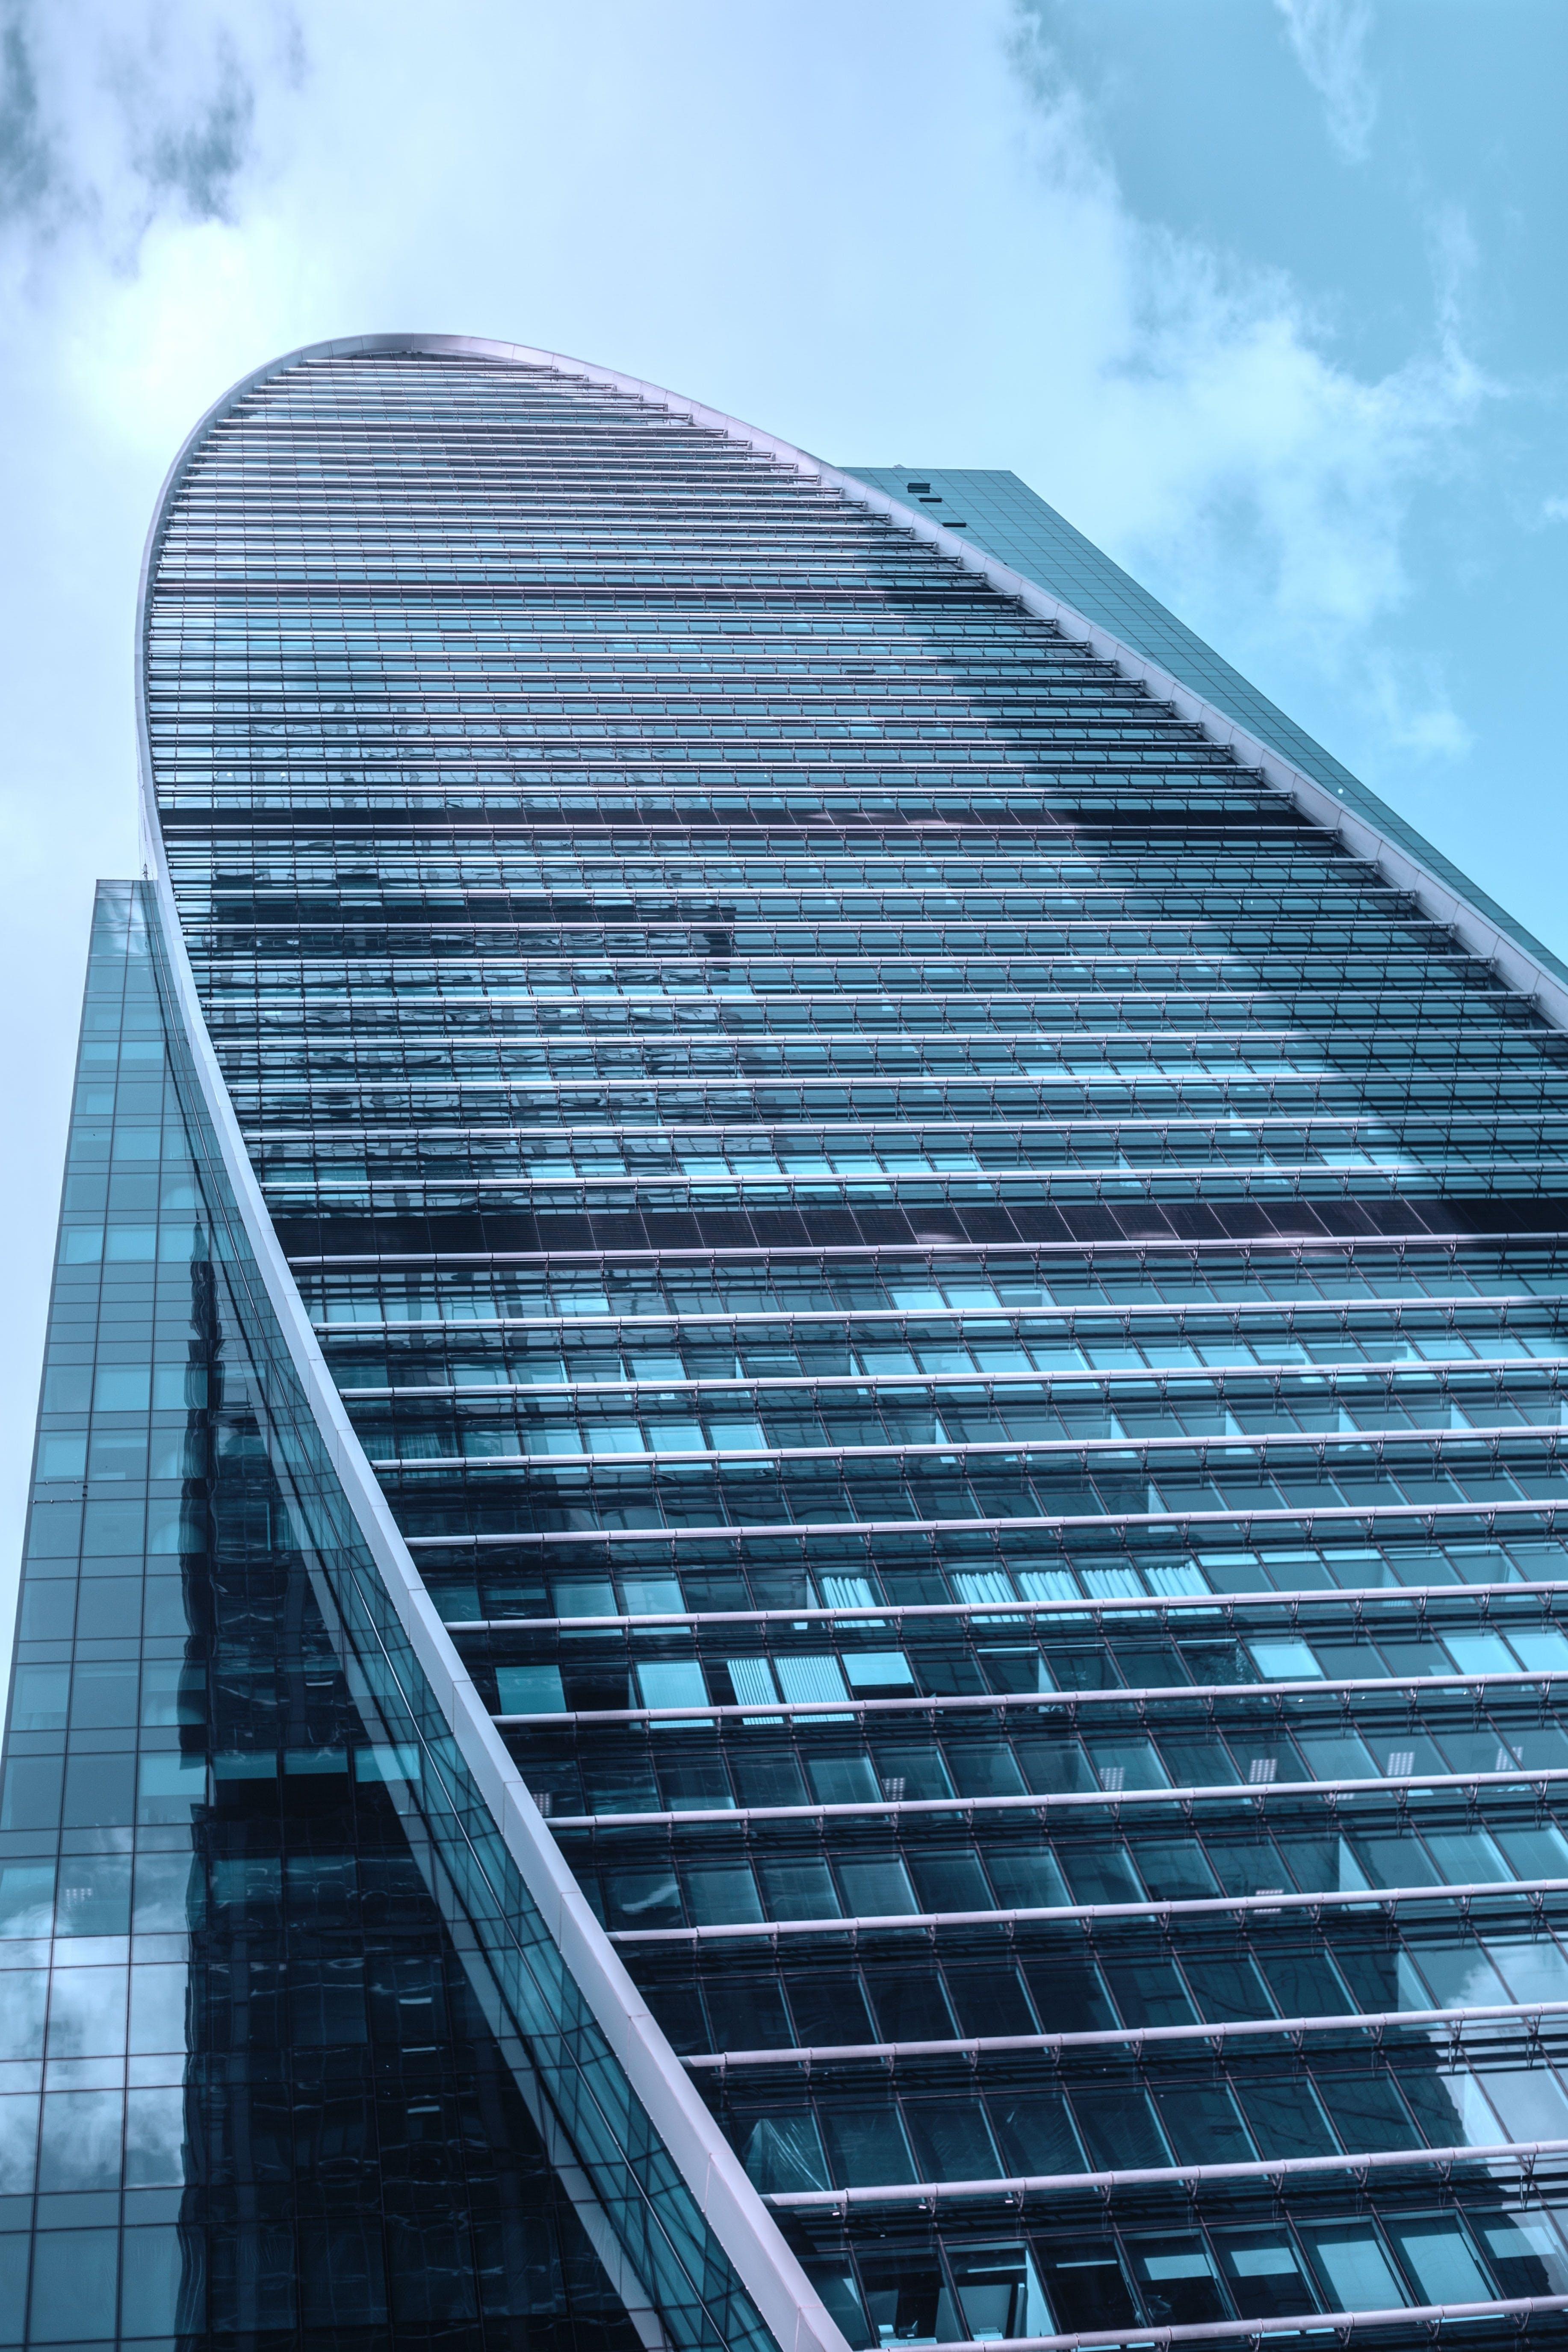 Ảnh lưu trữ miễn phí về cao tầng, chén, góc chụp thấp, kiến trúc